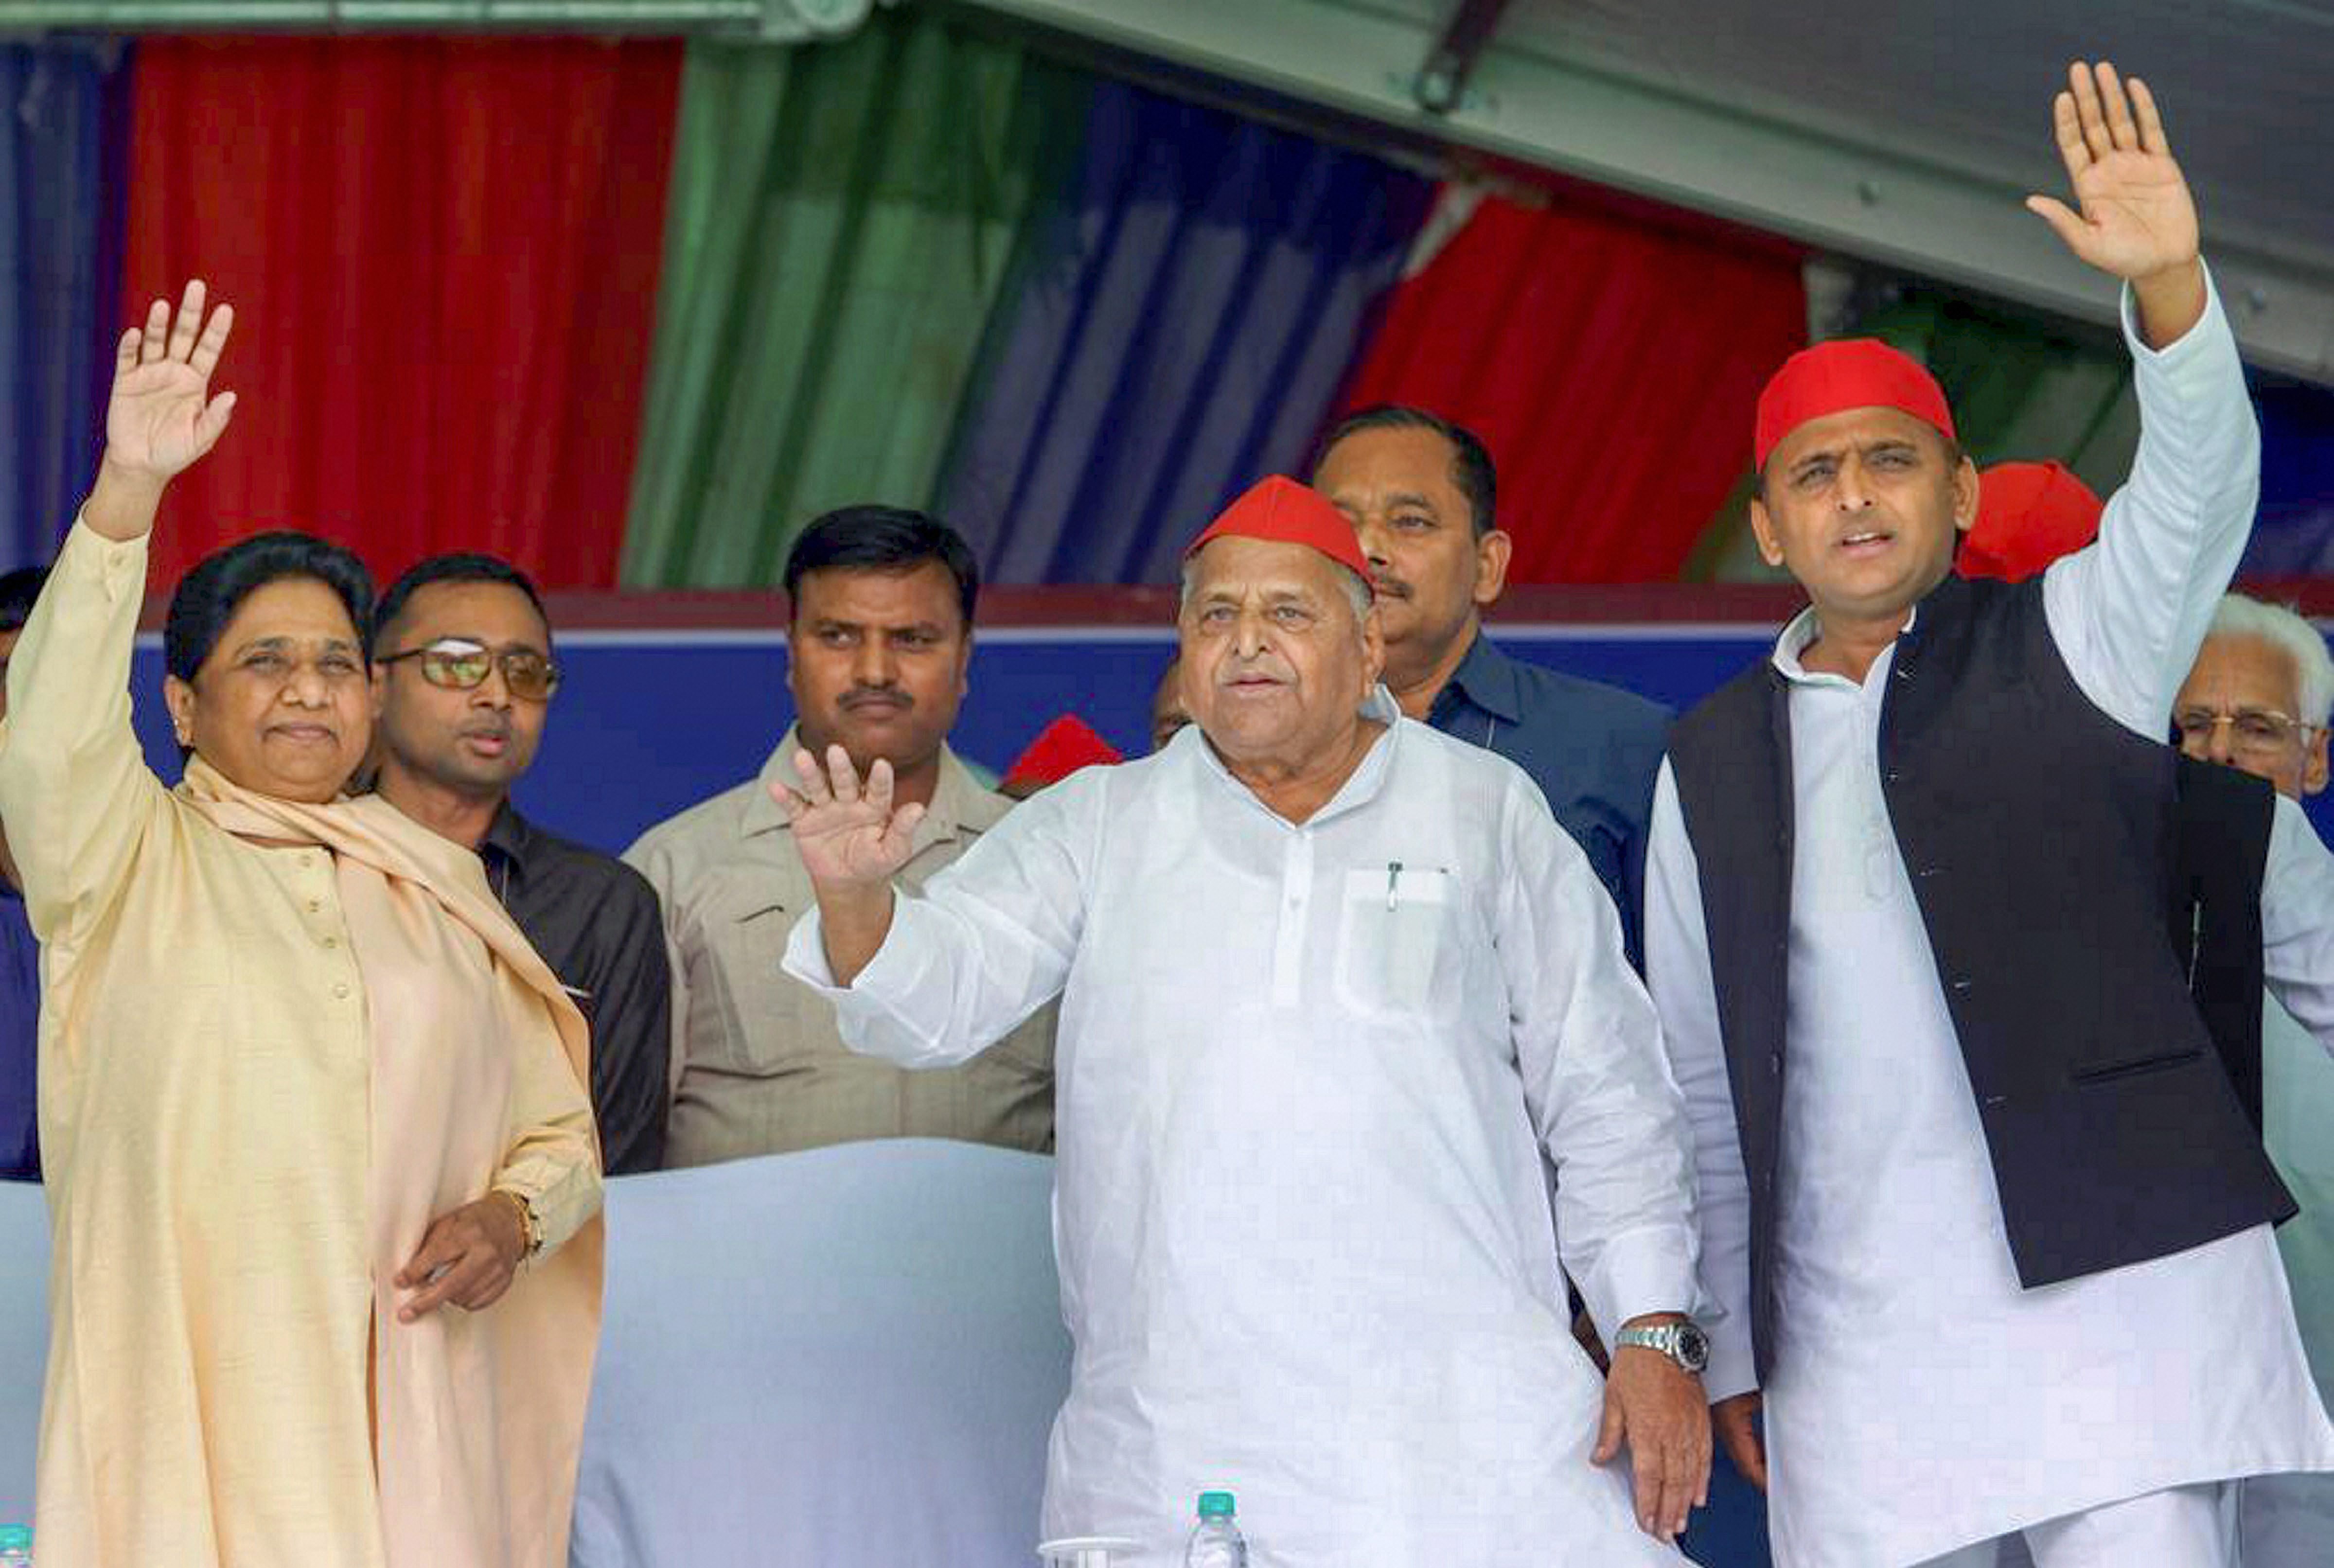 Mayawati, Mulayam and Akhilesh at the Mainpuri rally on Friday.